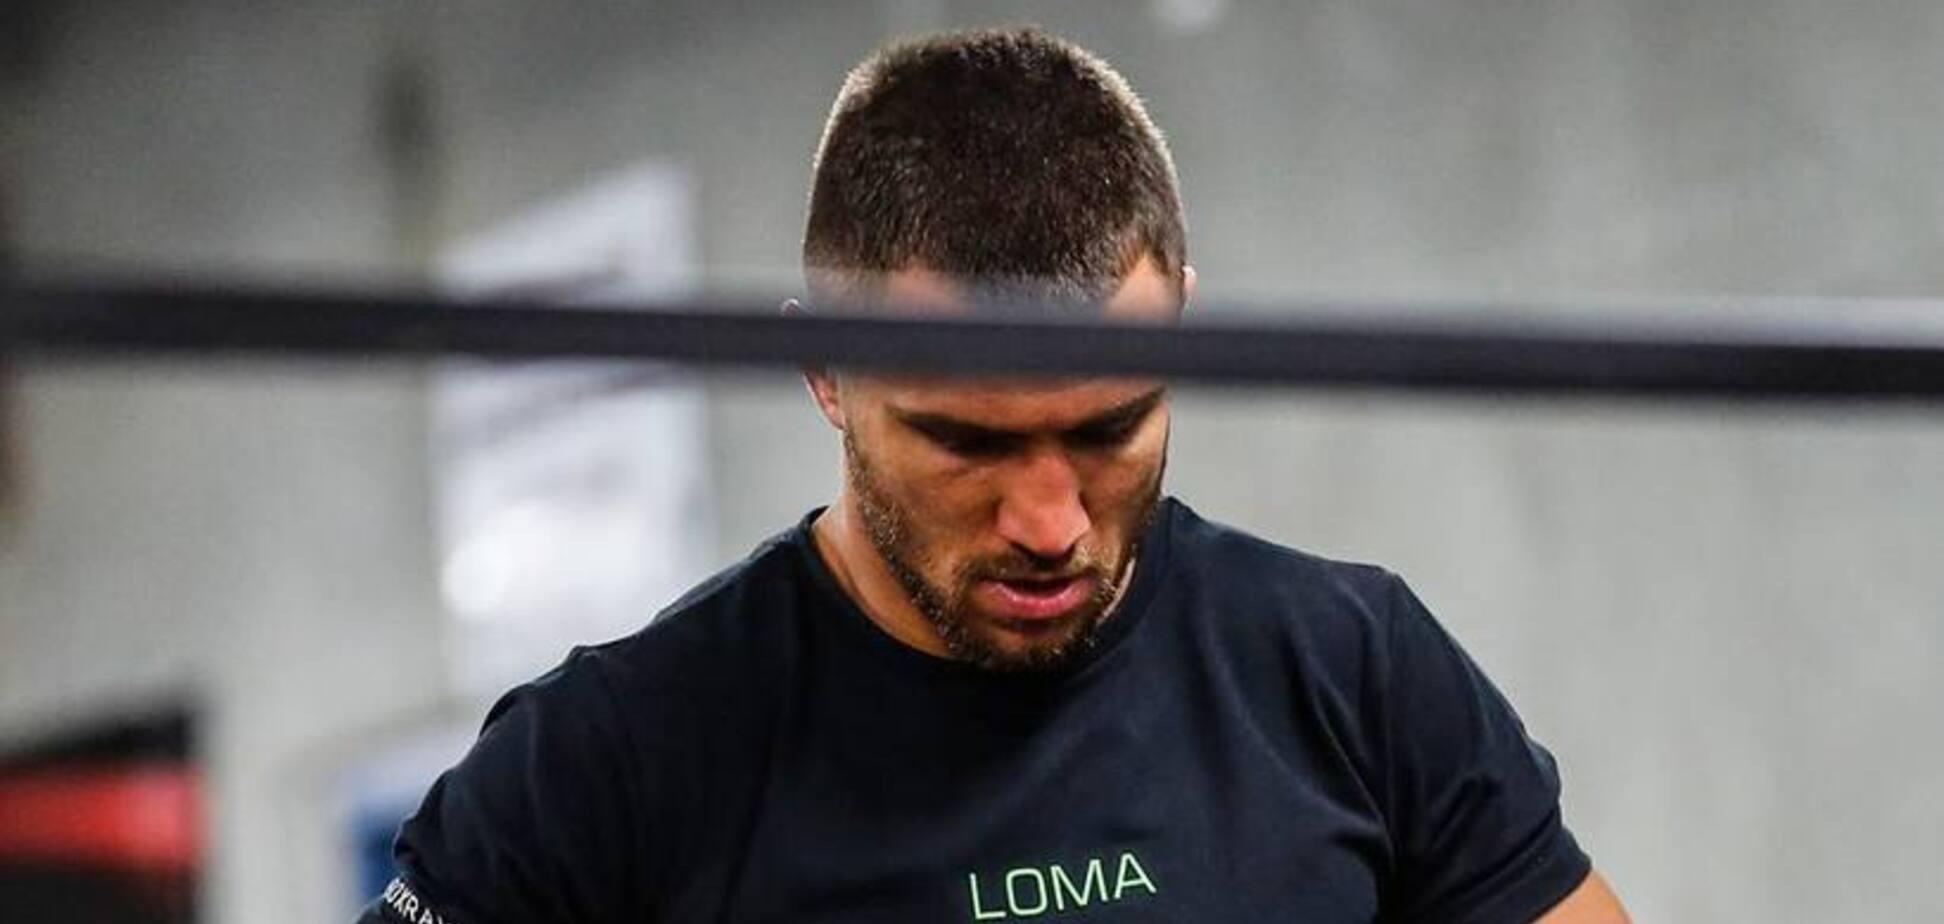 Ломаченко залишився без суперника перед боєм